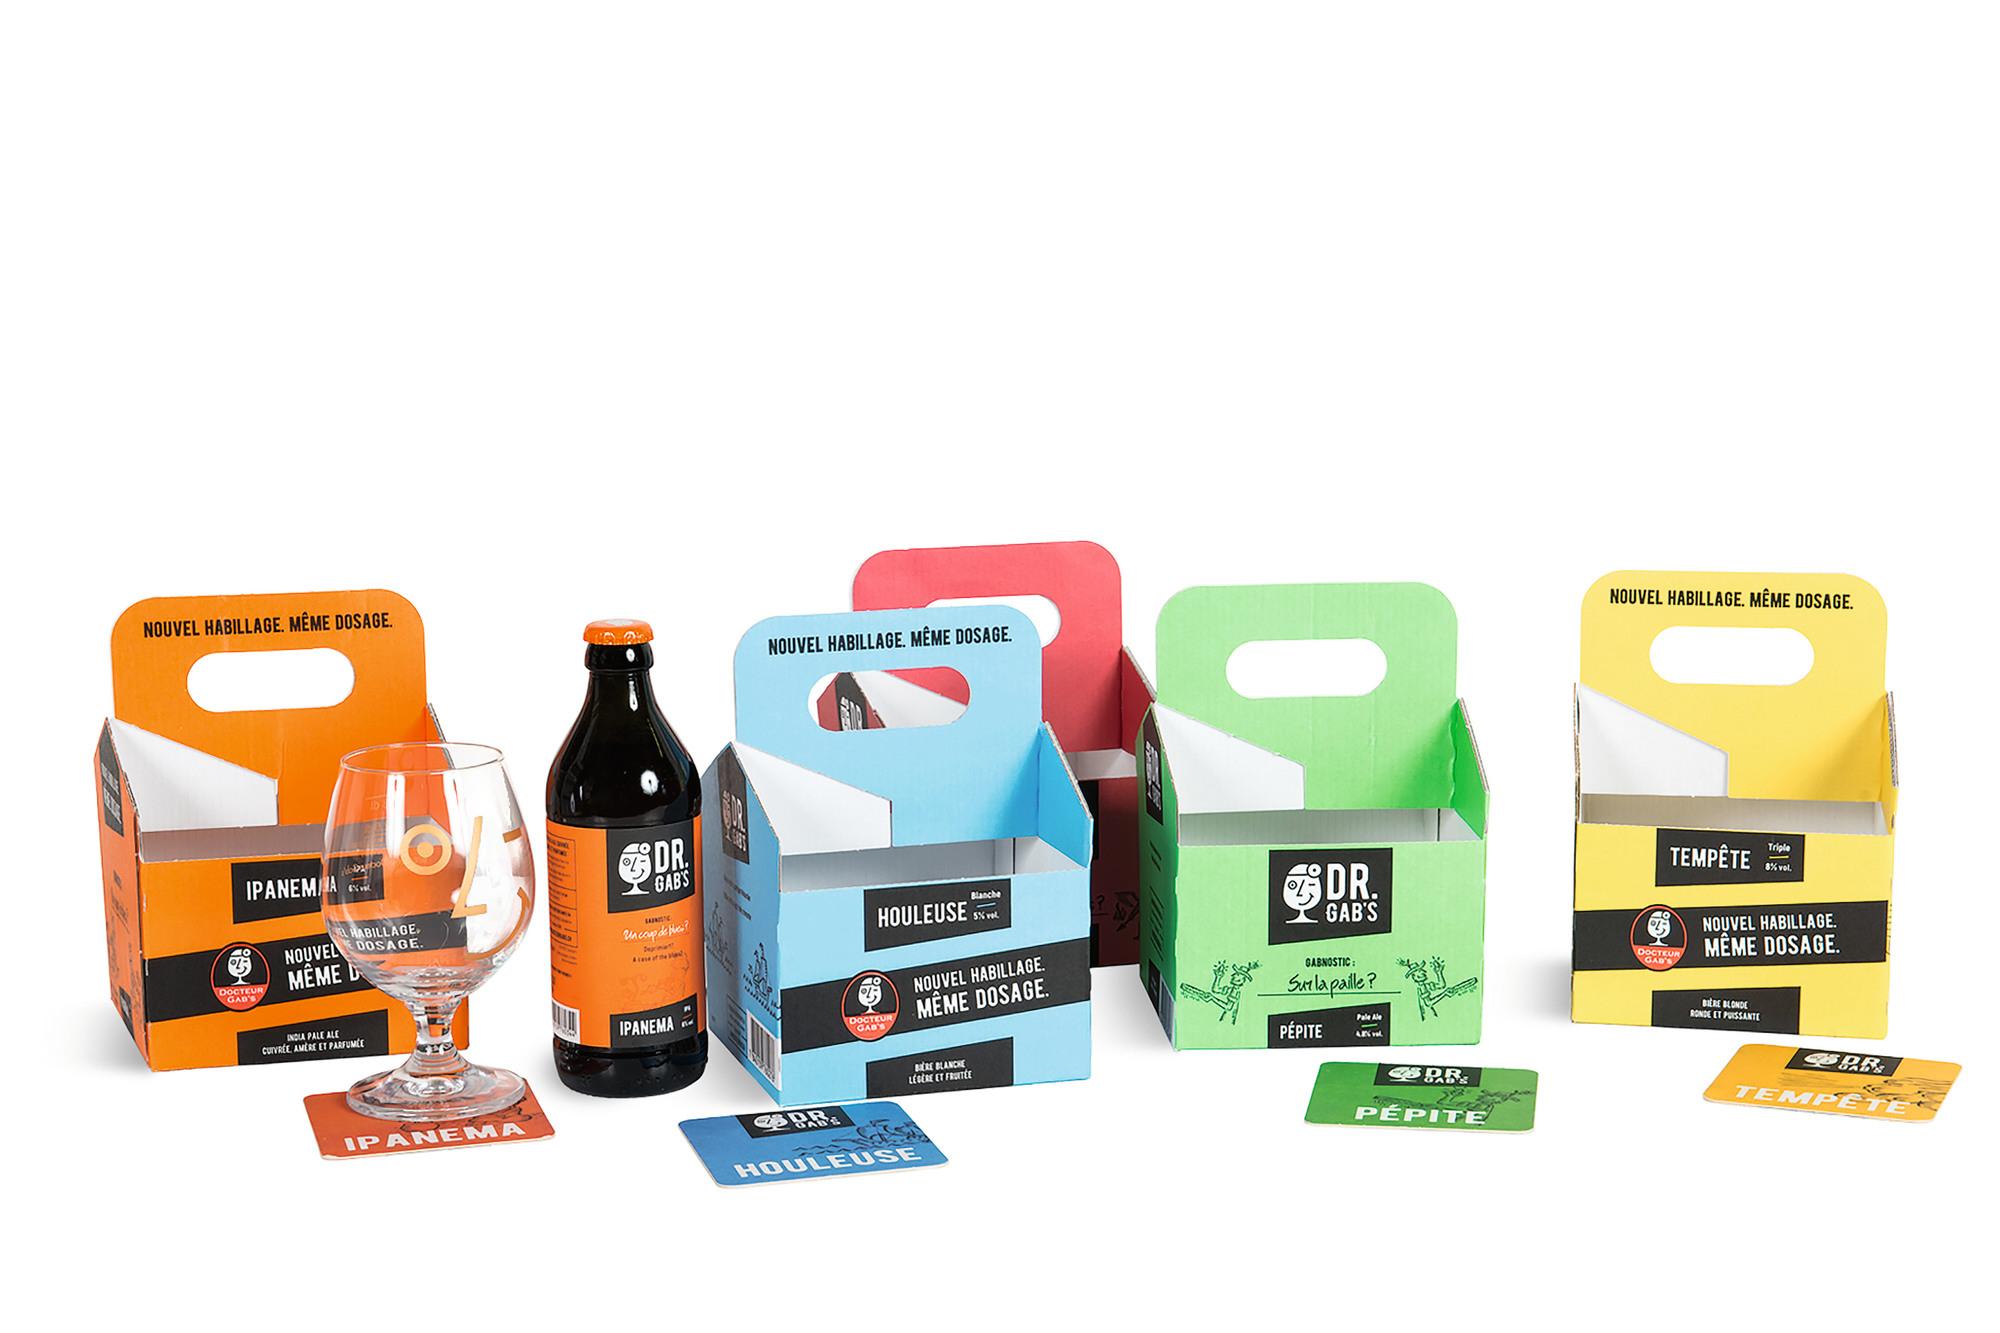 Zur Verpackung gehören heute passende Etiketten und weitere Zusätze wie hier Bierdeckel.